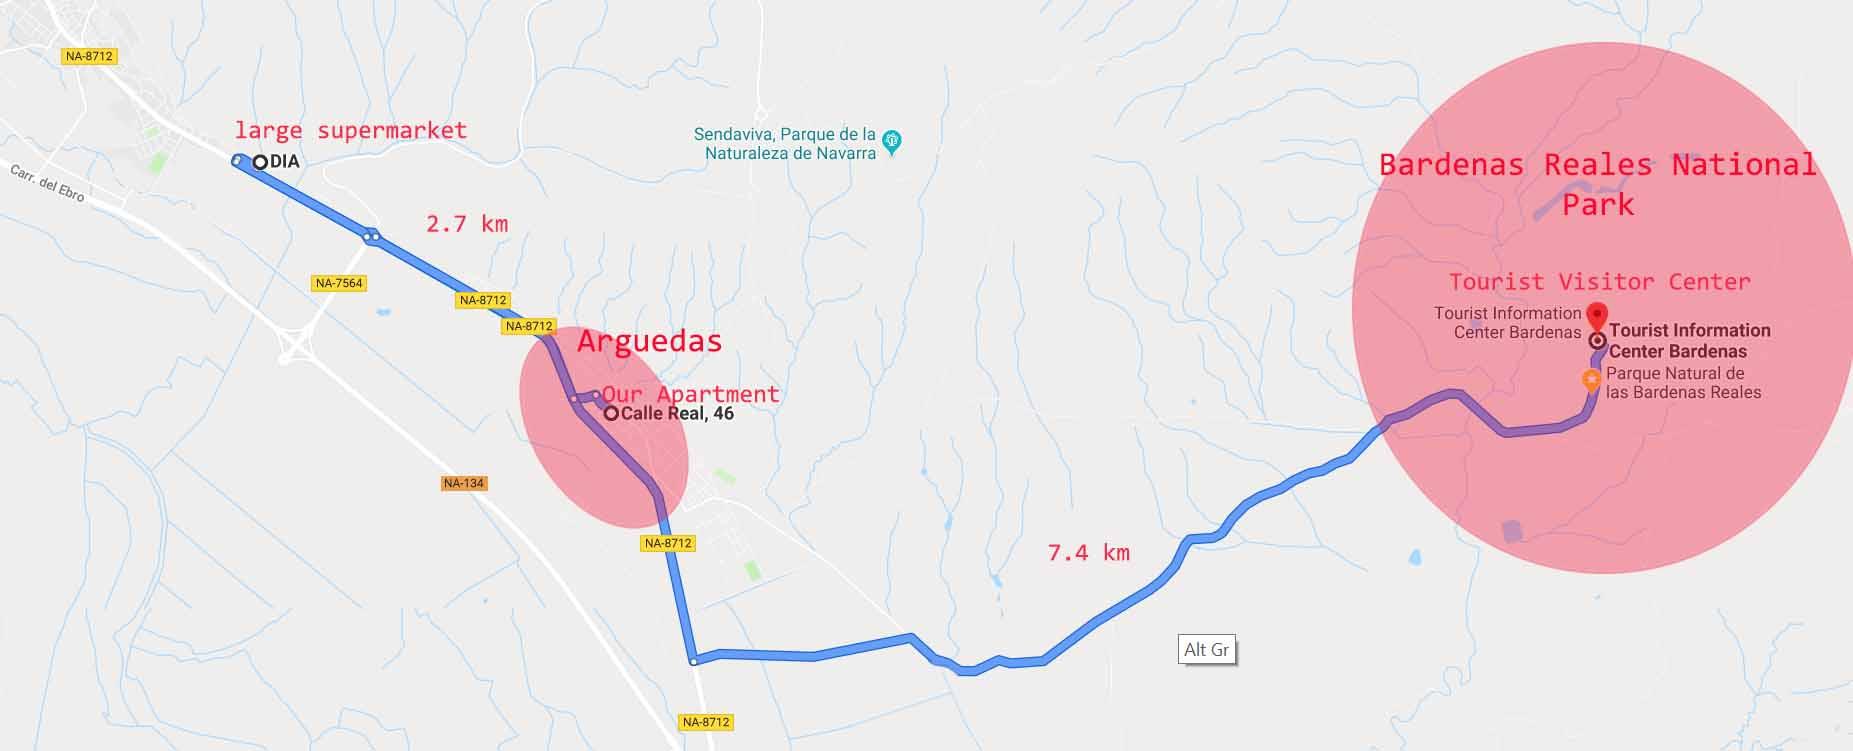 Arguedas and Bardenas Reales National Park